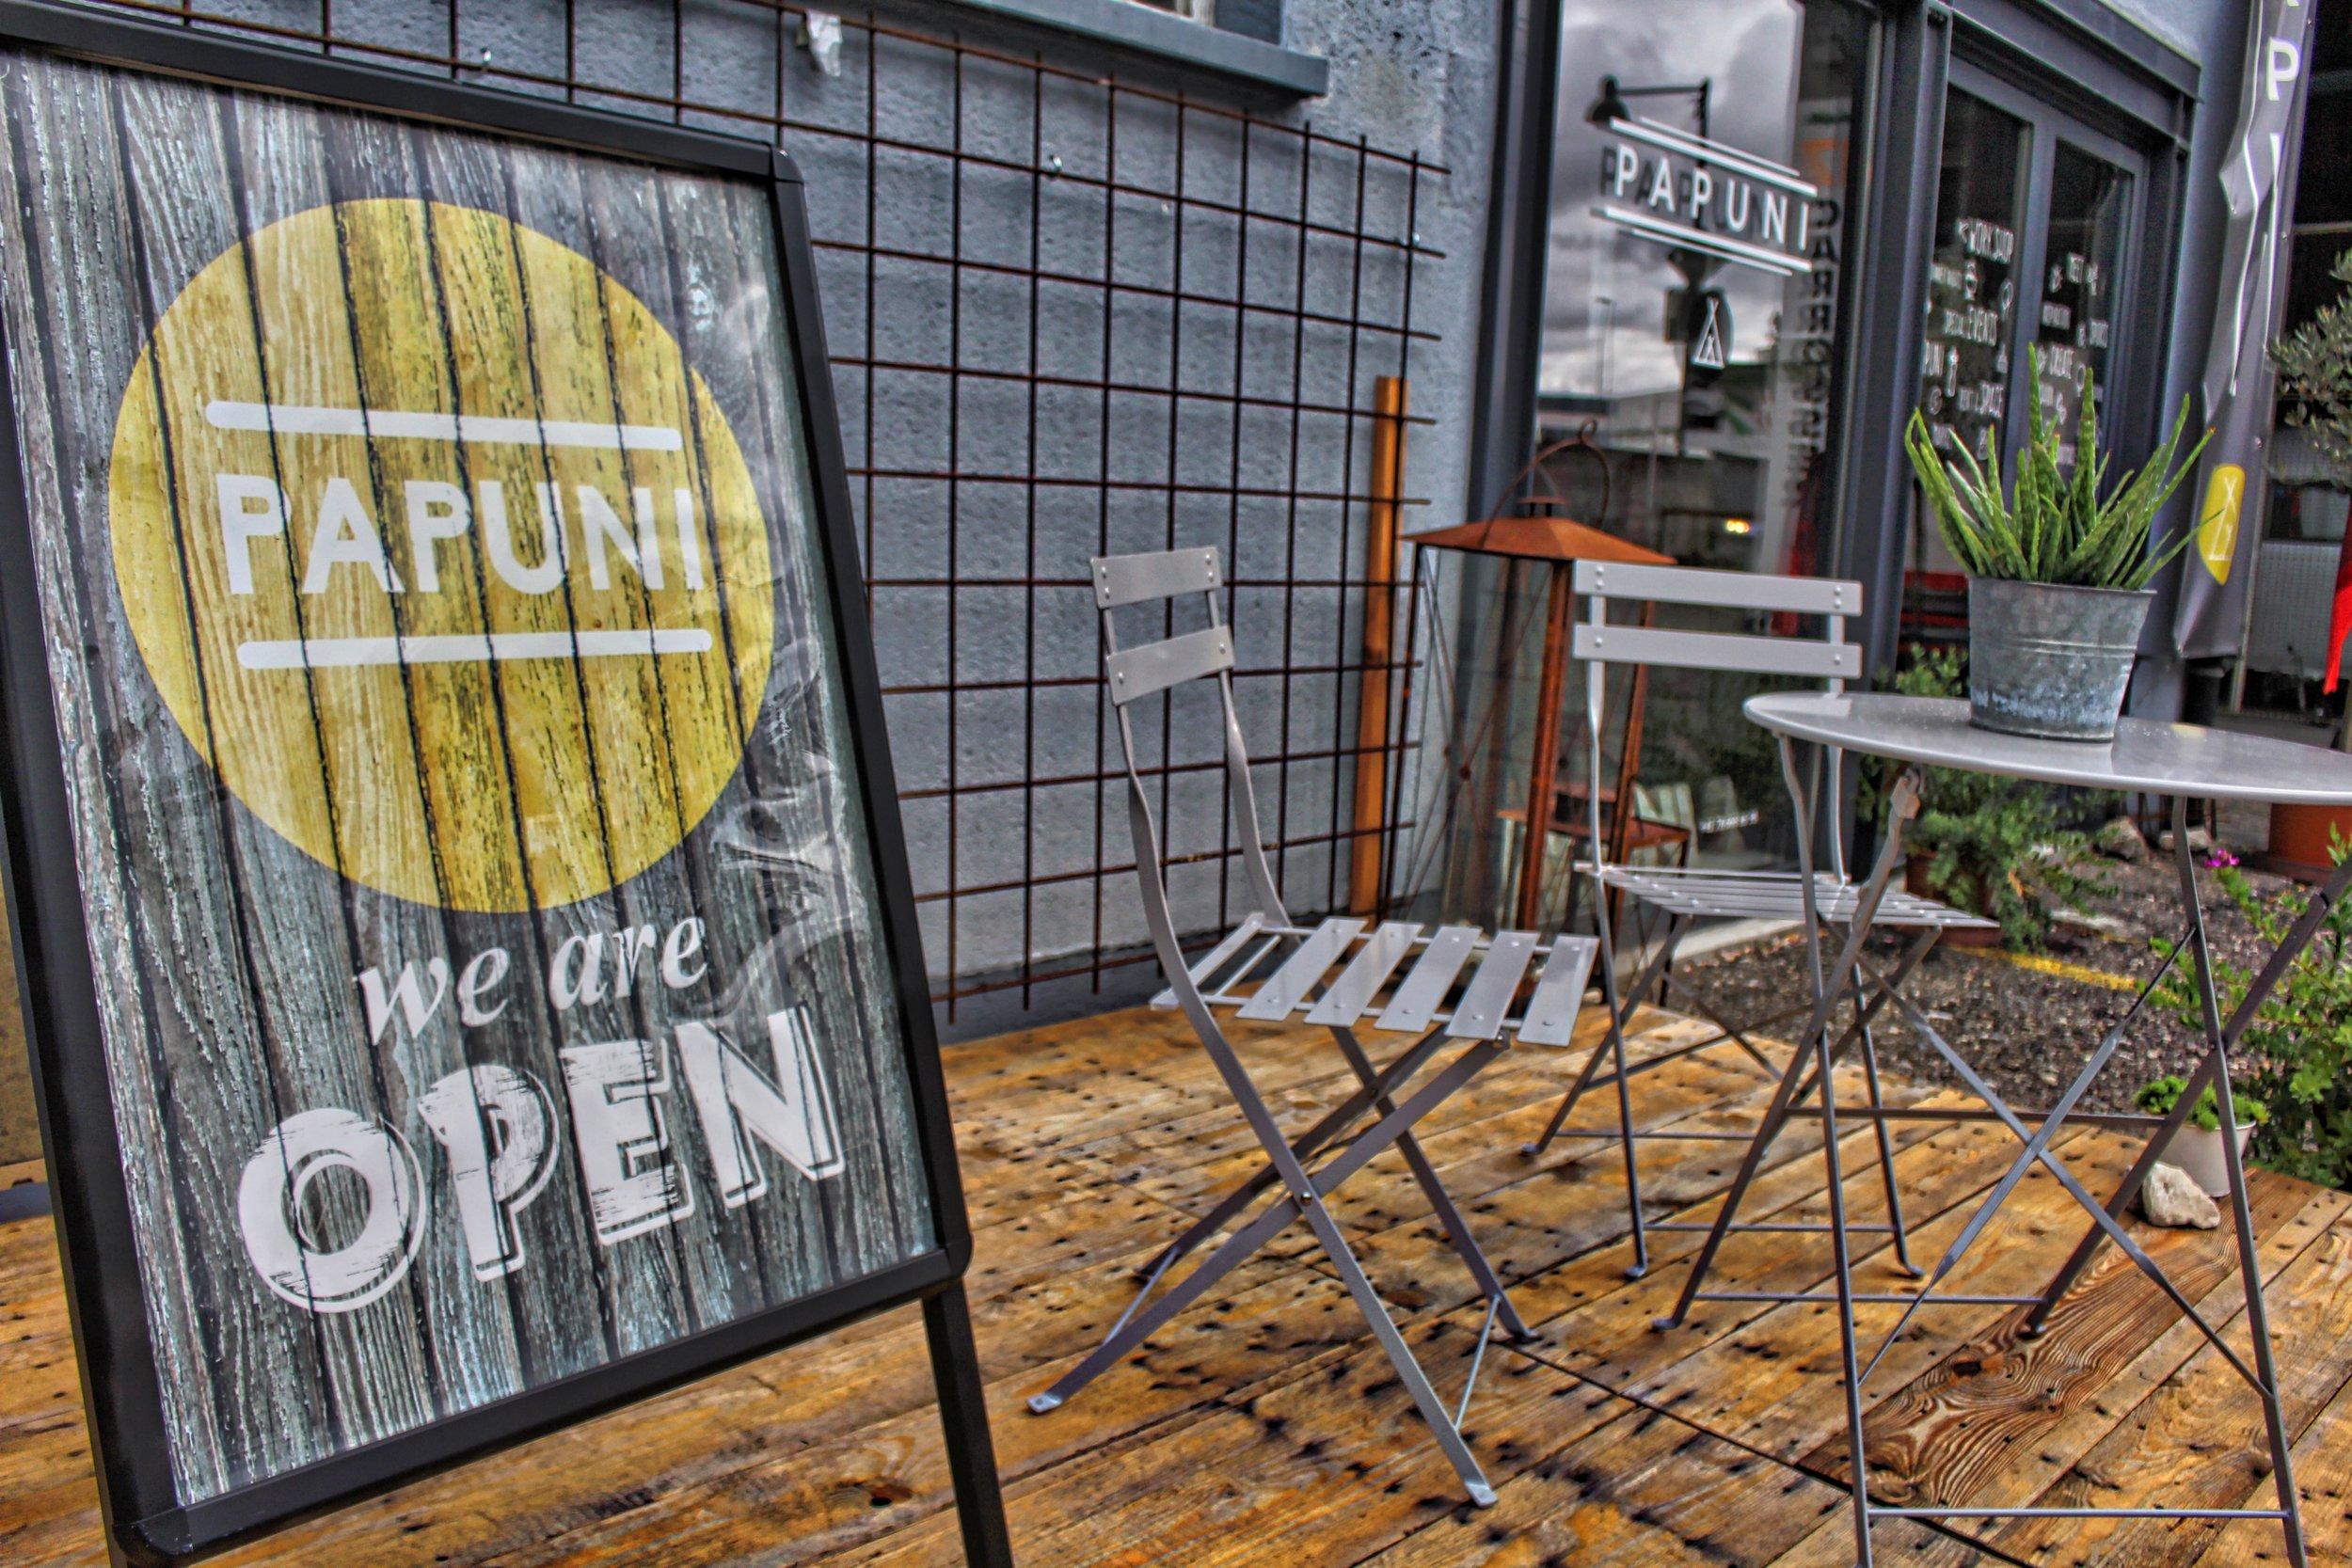 Open Schild papuni 2.jpg